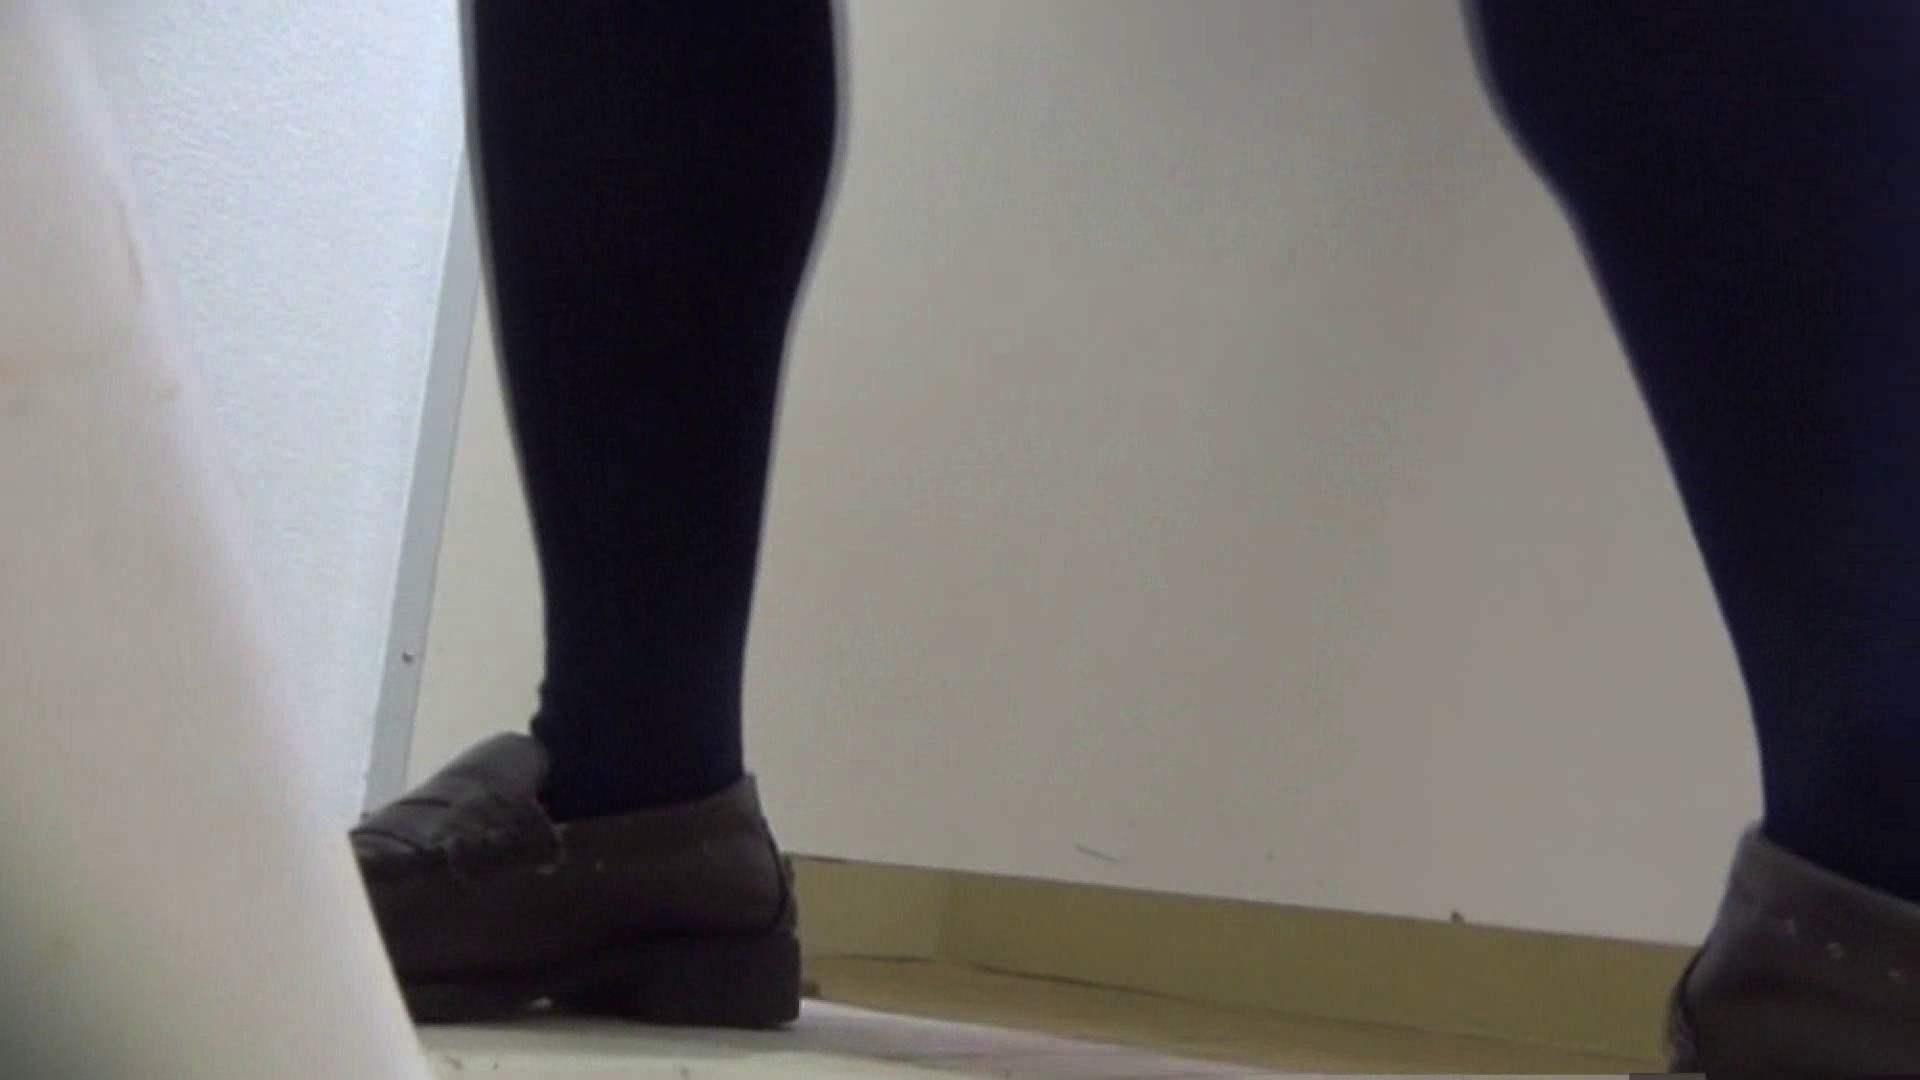 変態オナニー劇場 Vol.40 OL裸体 | オナニー特集  68画像 12